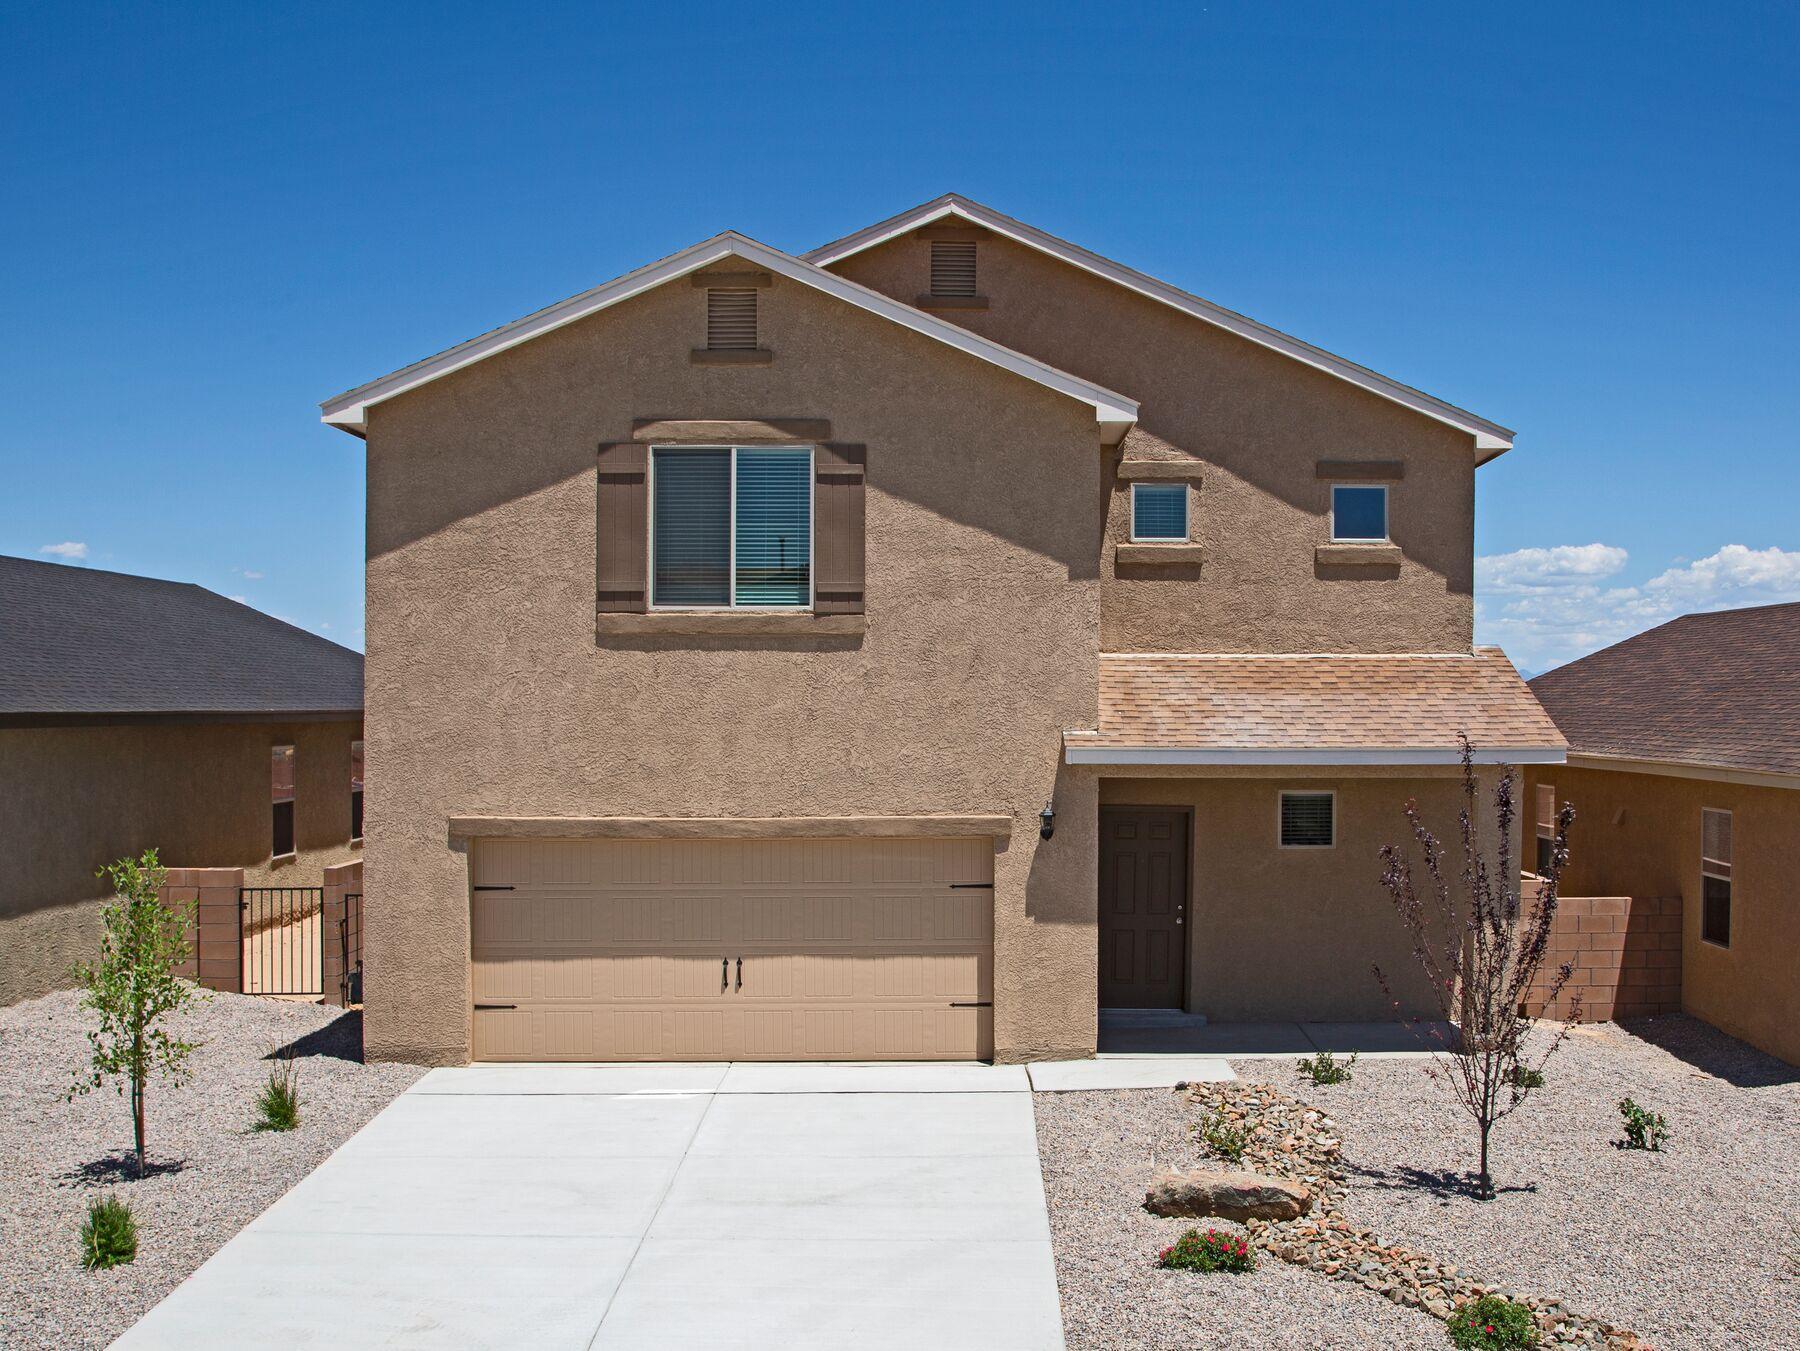 3705 Bronco Trail Road NE, Rio Rancho, NM 87124 - Rio Rancho, NM real estate listing